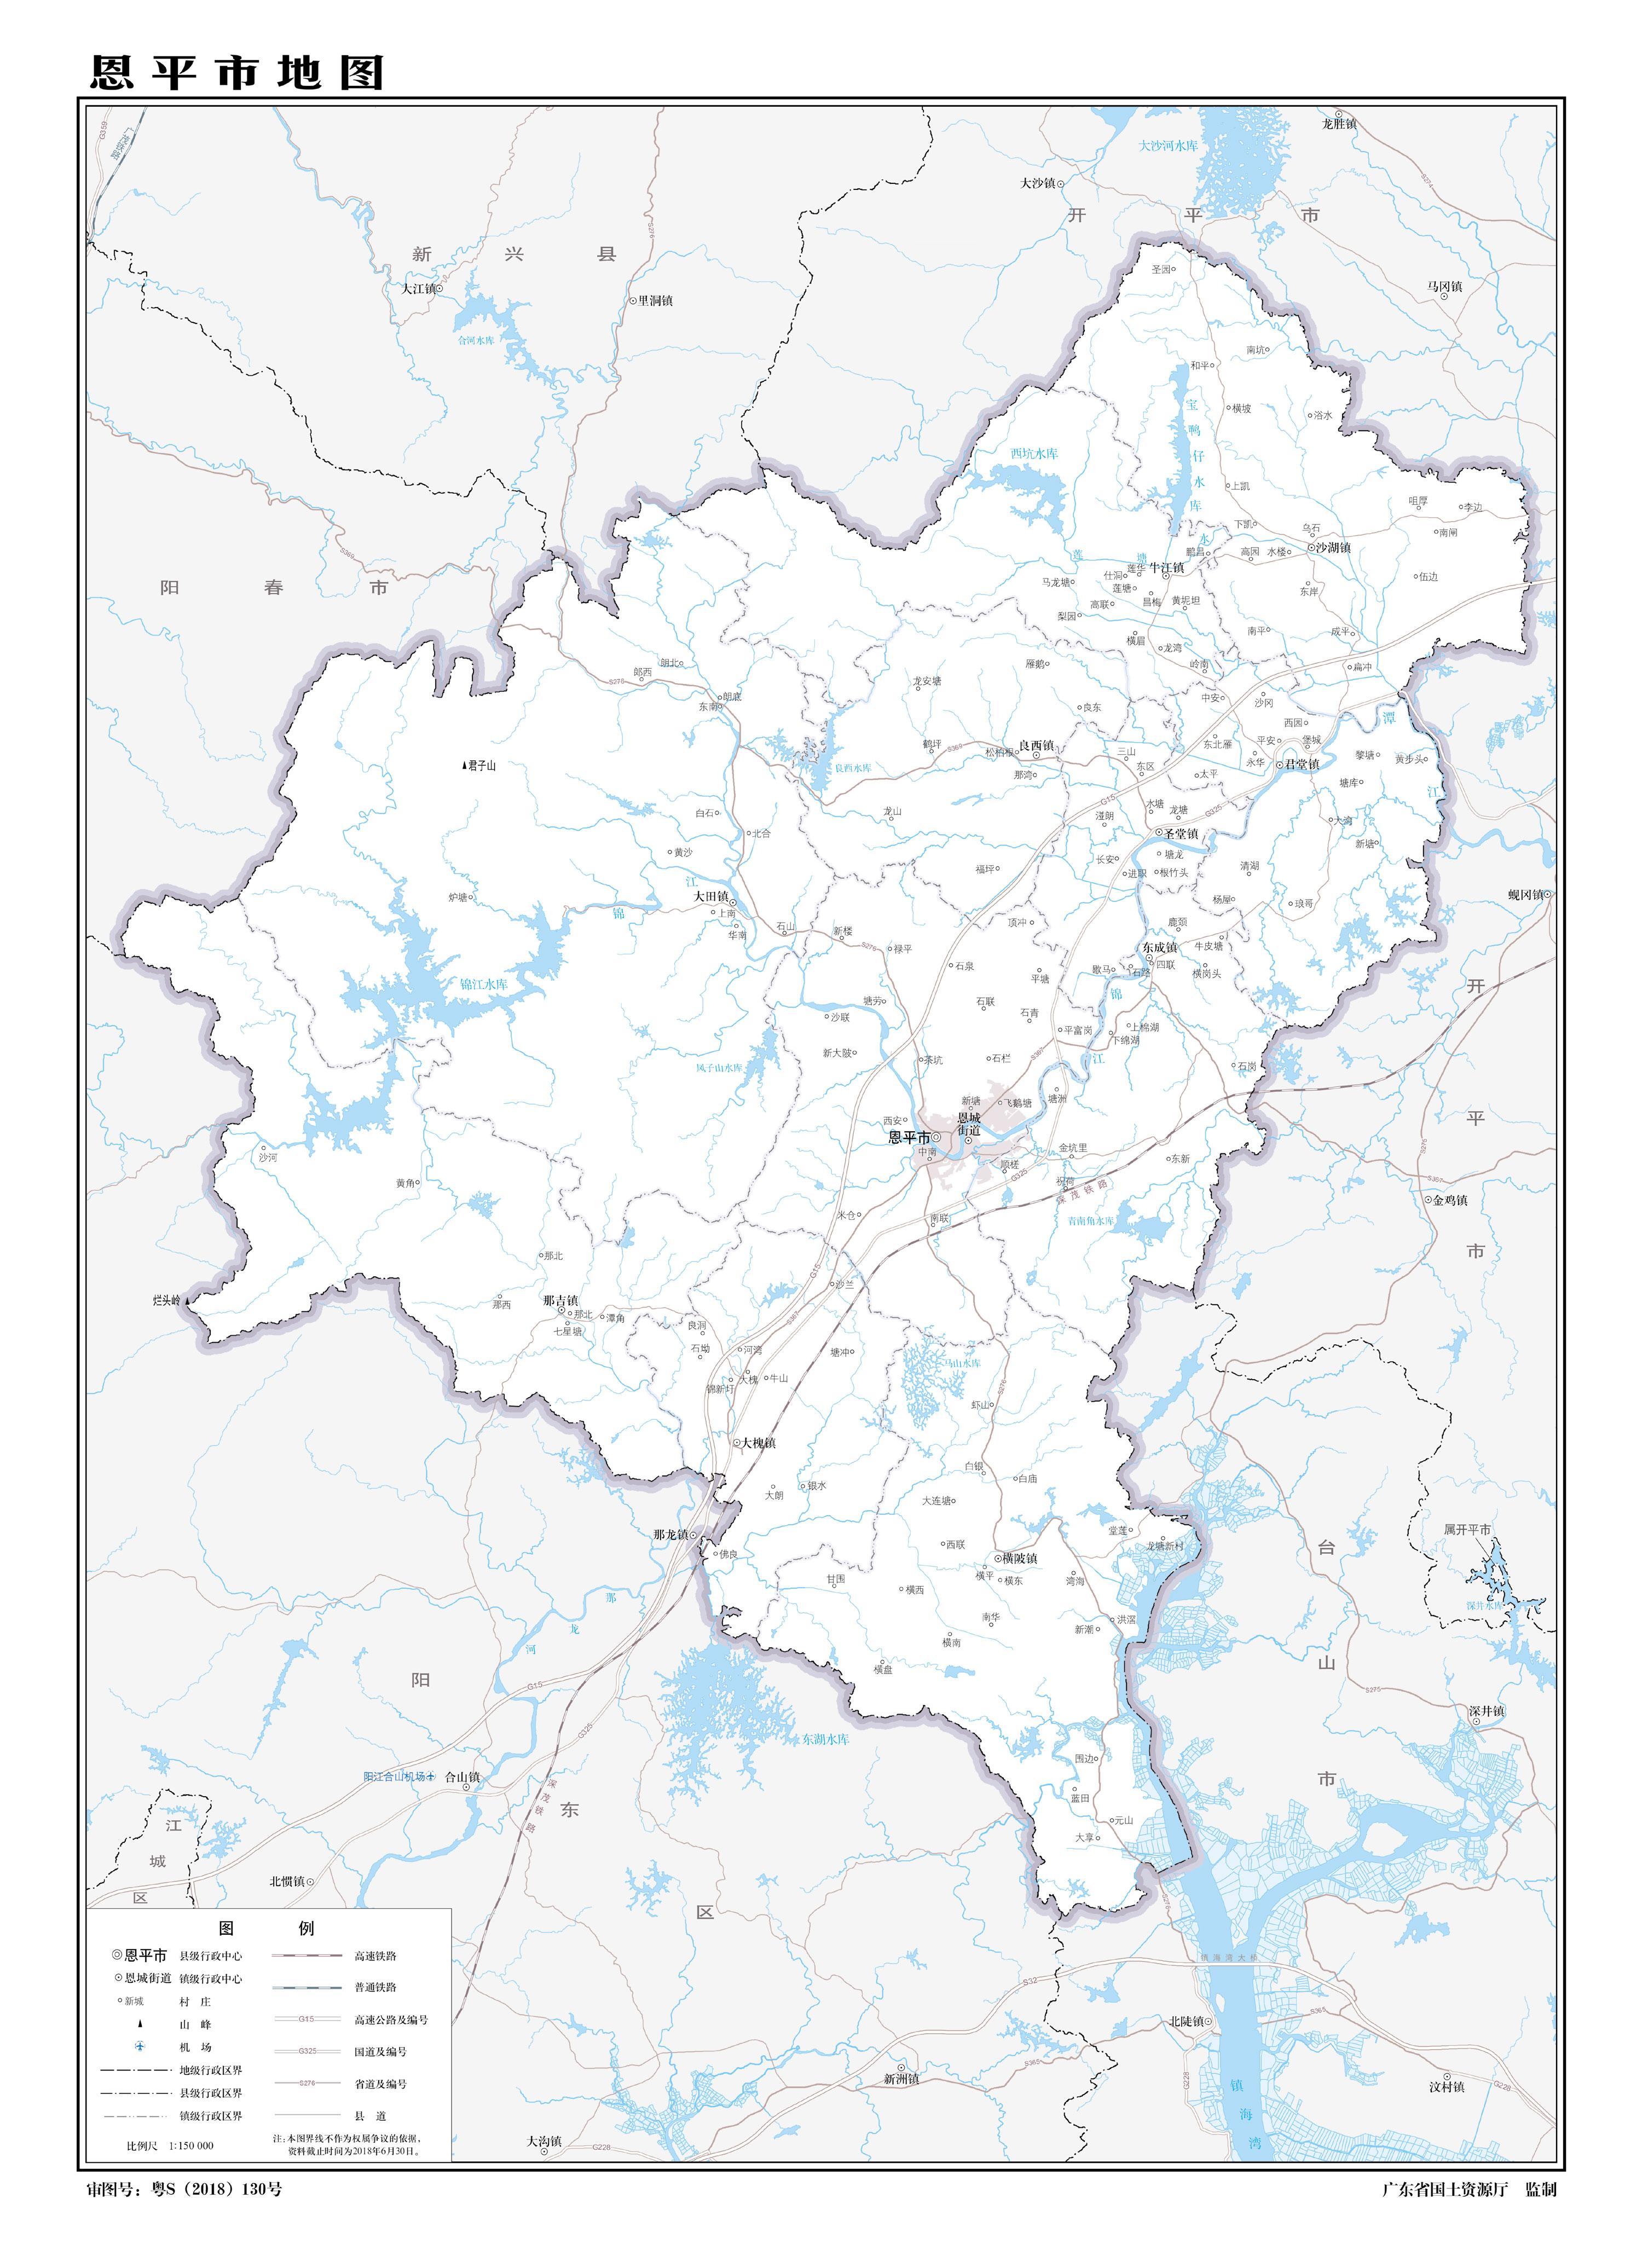 广东珠海市景点_恩平市标准地图_江门地图库_地图窝